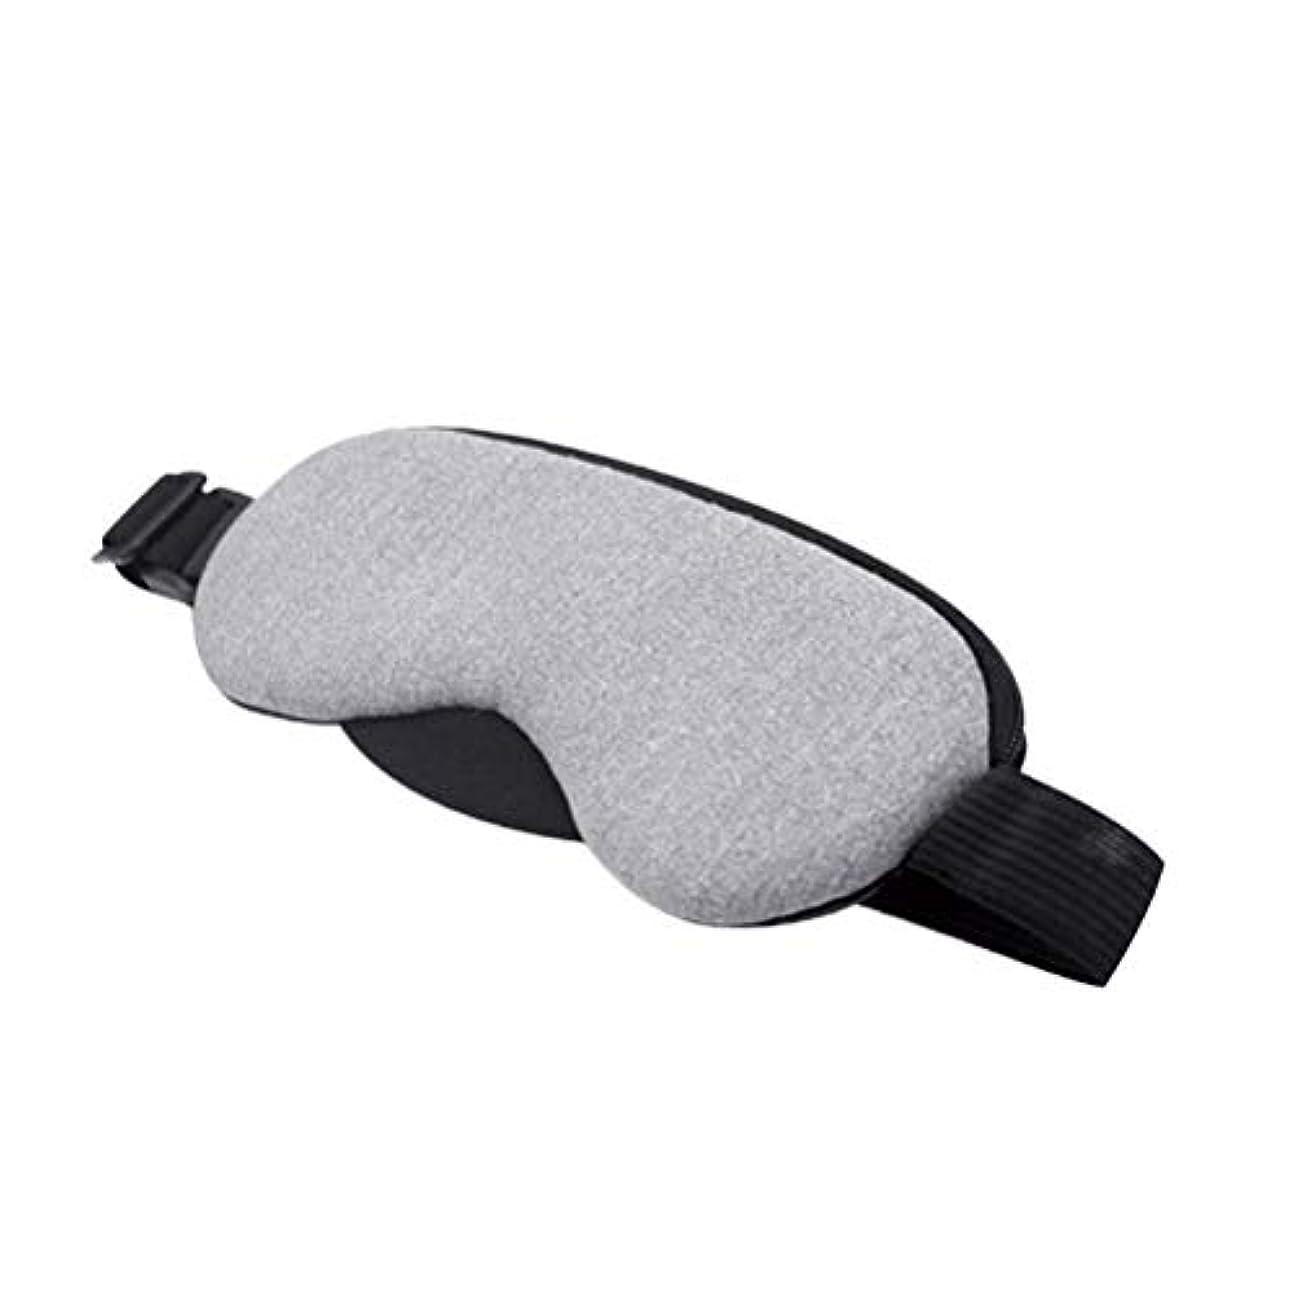 HEALIFTY アイマスクUSBヒートホットスチームアイマスクは、パフの目を癒すために設計されています。ダークサークルアイドライアイブライトフィリストストレスフィニッシュアイ(グレーフレグランスフリー)